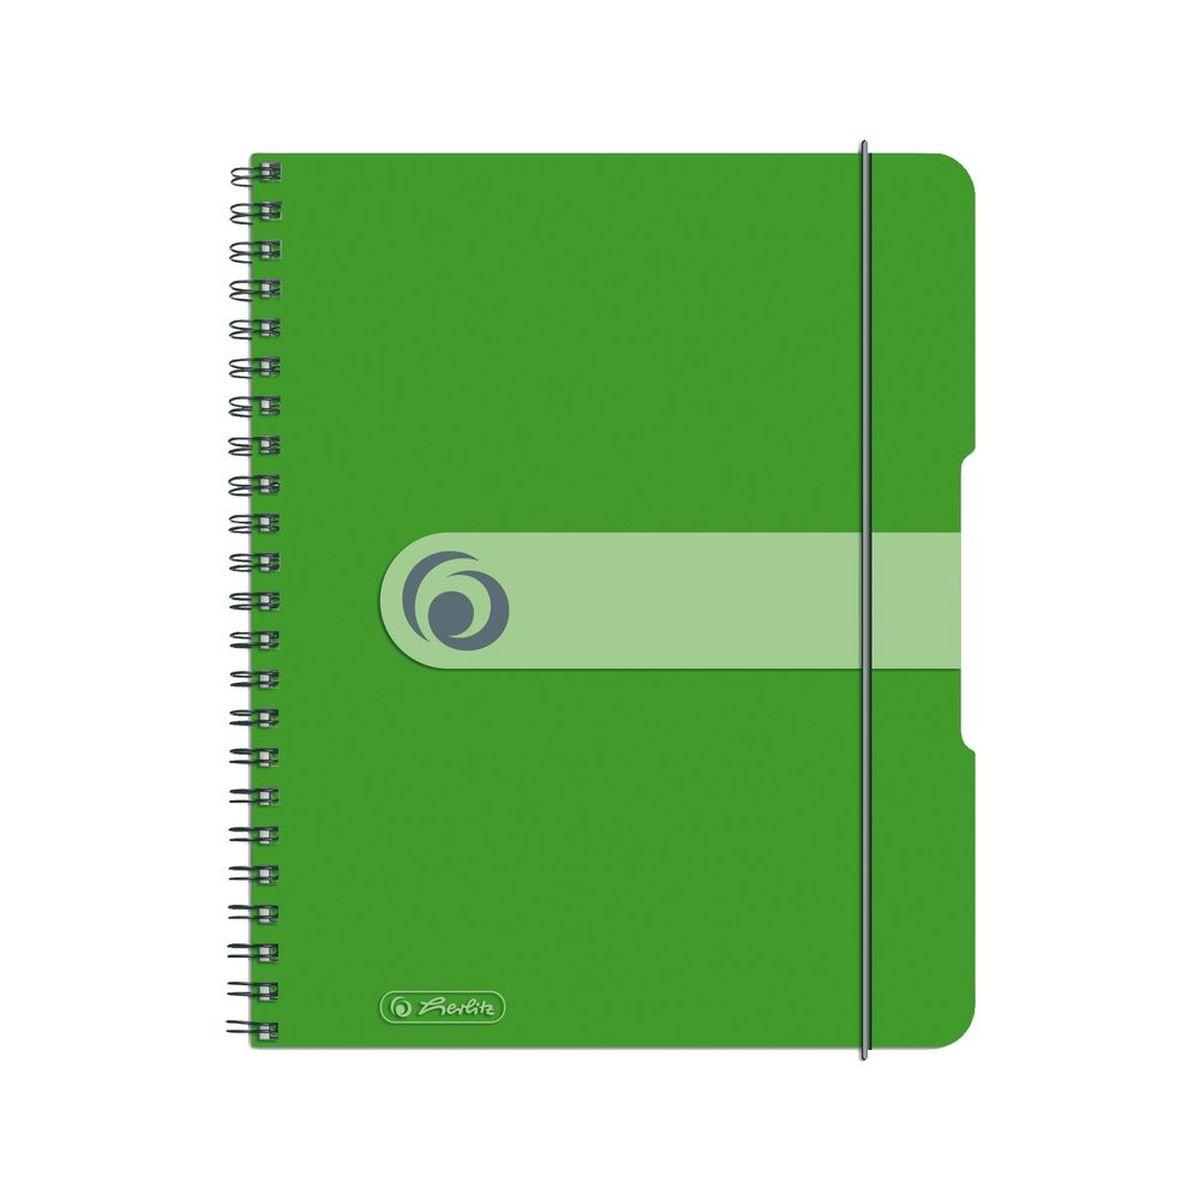 Herlitz Блокнот Easy Orga To Go 80 листов в клетку формат А5 цвет зеленый72523WDУдобный блокнот Herlitz Easy Orga To Go - незаменимый атрибут современного человека, необходимый для рабочих или школьных записей.Блокнот содержит 80 листов формата А5 в клетку без полей. Обложка выполнена из качественного полипропилена. Внутренний спиральный блок изготовлен из металла и гарантирует надежное крепление листов. Блокнот имеет закругленные углы и нежный дизайн бордового цвета.Блокнот для записей Herlitz Easy Orga To Go станет достойным аксессуаром среди ваших канцелярских принадлежностей. Это отличный подарок как коллеге или деловому партнеру, так и близким людям.